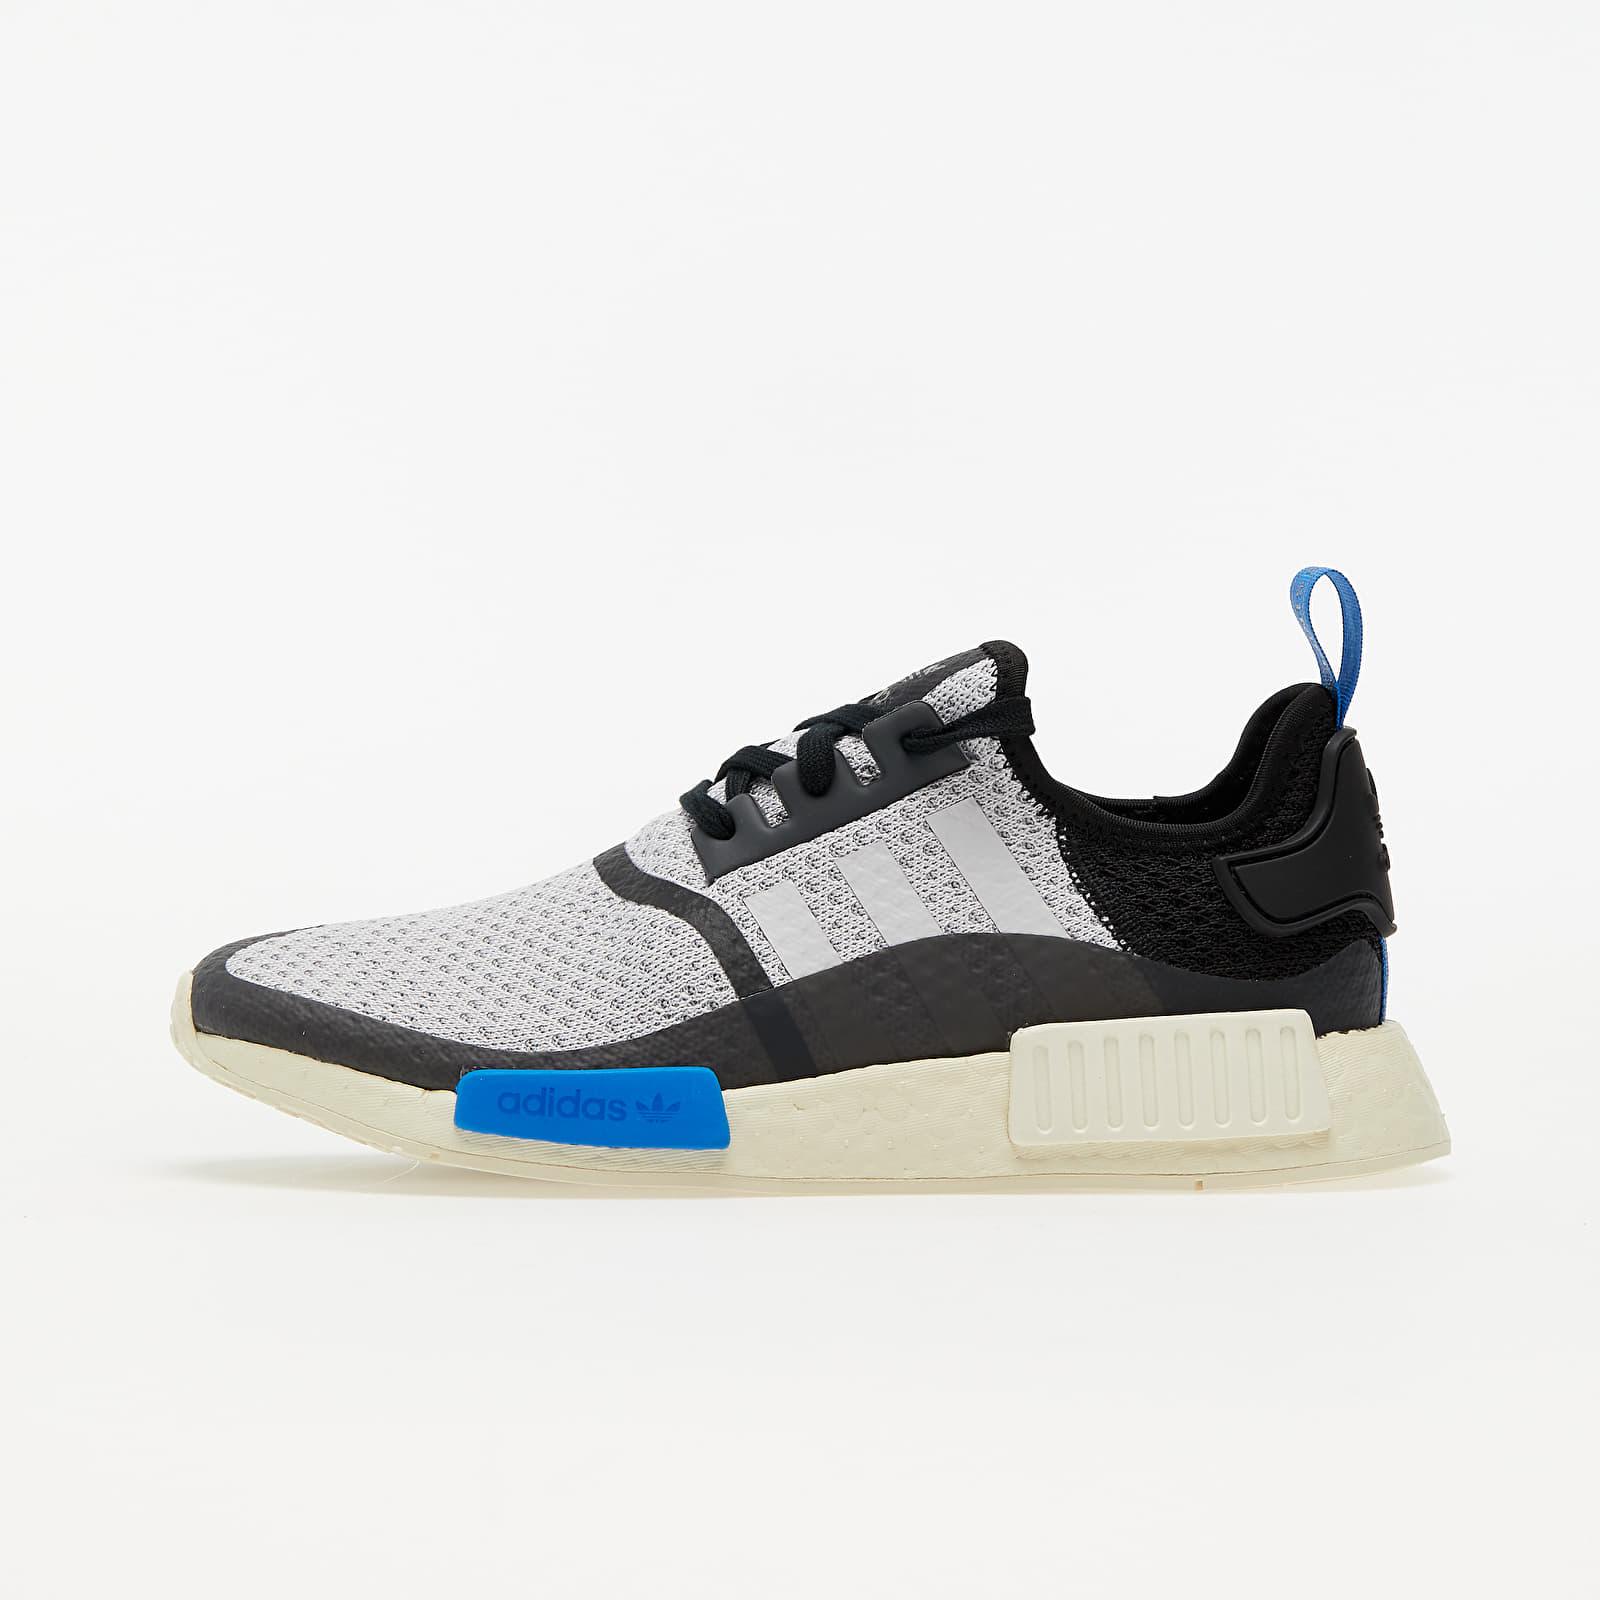 adidas NMD_R1 Dash Grey/ Core Black/ Glory Blue FY3685